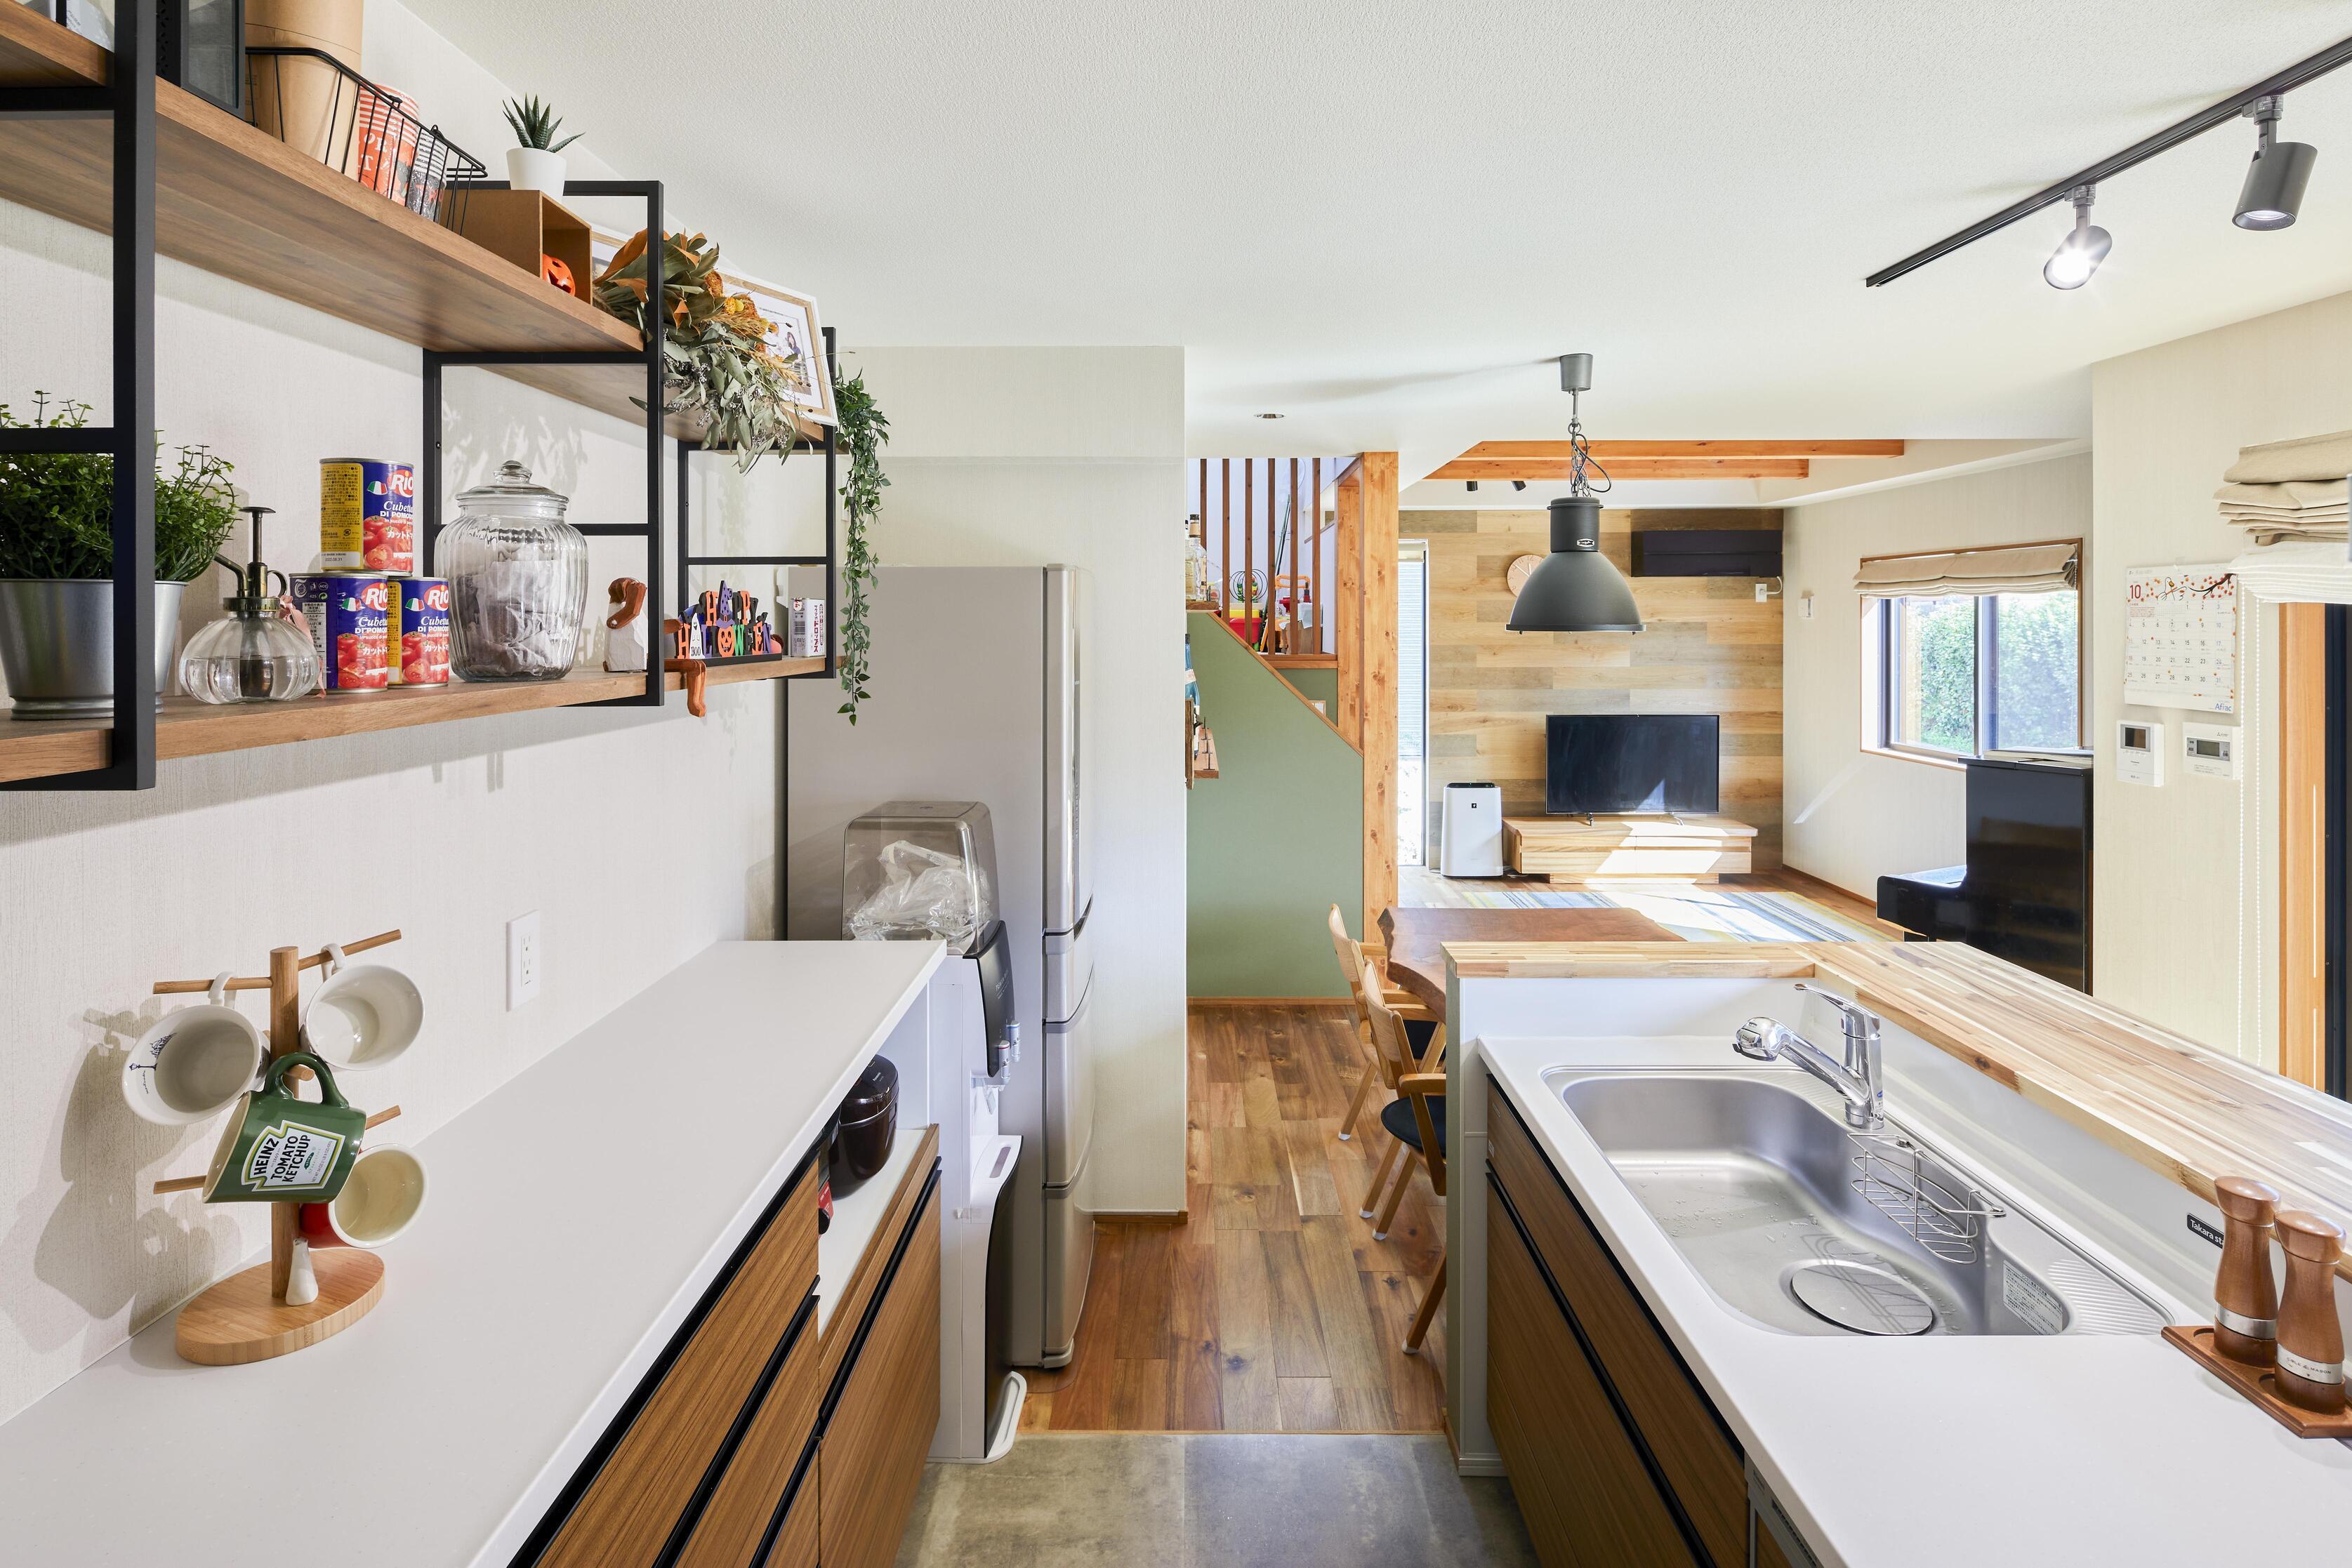 キッチンの背面には造作棚。可愛い小物を並べられ、日常を愉しいものに